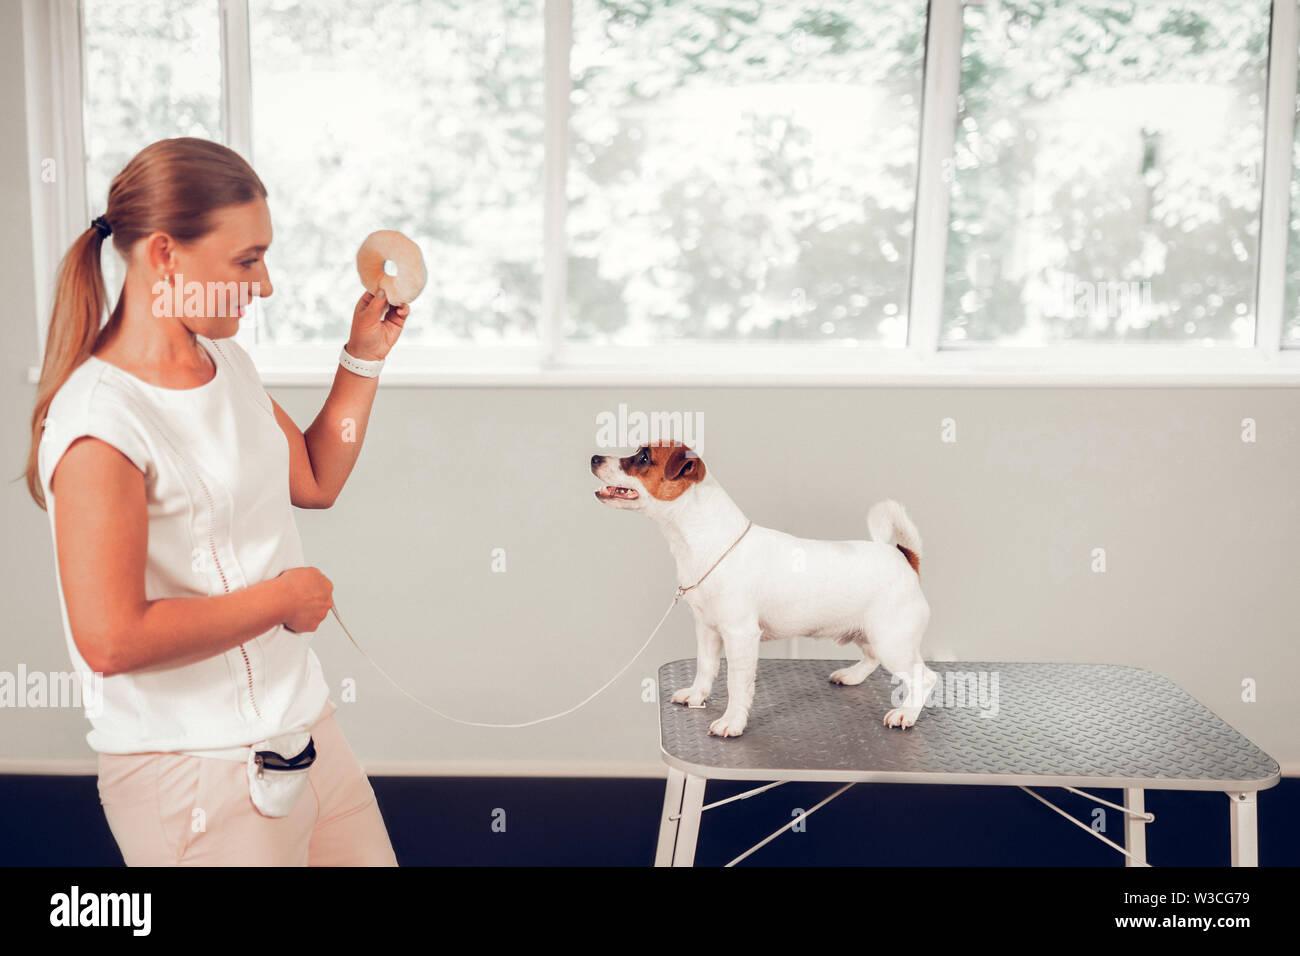 Spécialiste de l'EFP à jouer. Appel qualifié spécialiste chien jouant avec mignon chien blanc debout sur une table en métal Photo Stock